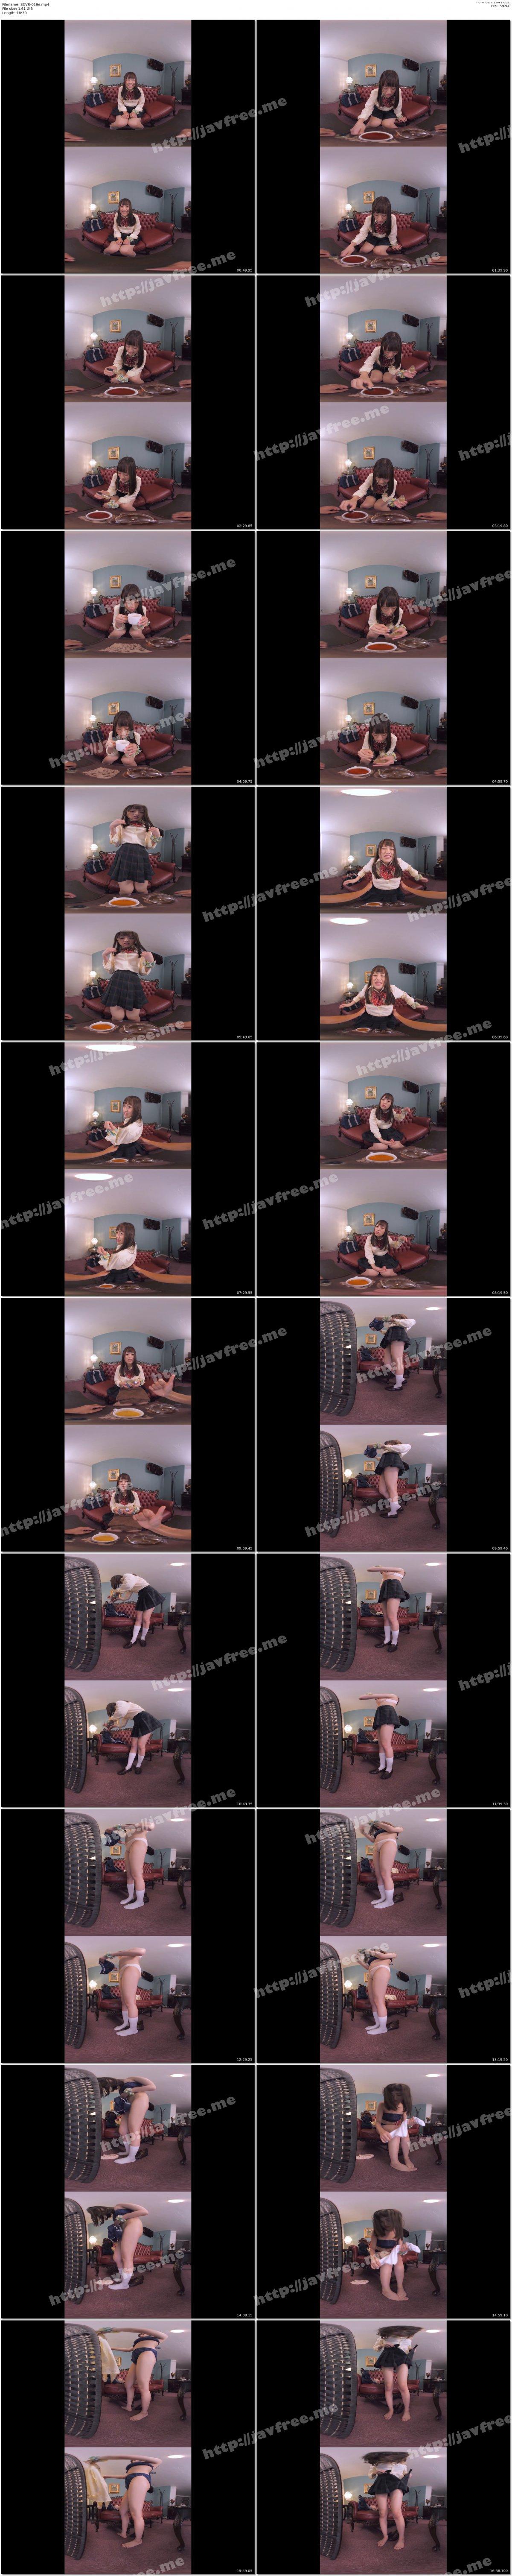 [SCVR-019] 【VR】長尺VR!リアル悪徳エステ体験!女子●生に媚薬を飲ませ高級オイルマッサージで感度覚醒!コリをほぐすだけとグチョグチョに興奮したマ●コを刺激して痙攣するまで生中出し!女子●生特別編!五十嵐星蘭 葉月もえ - image SCVR-019e on https://javfree.me